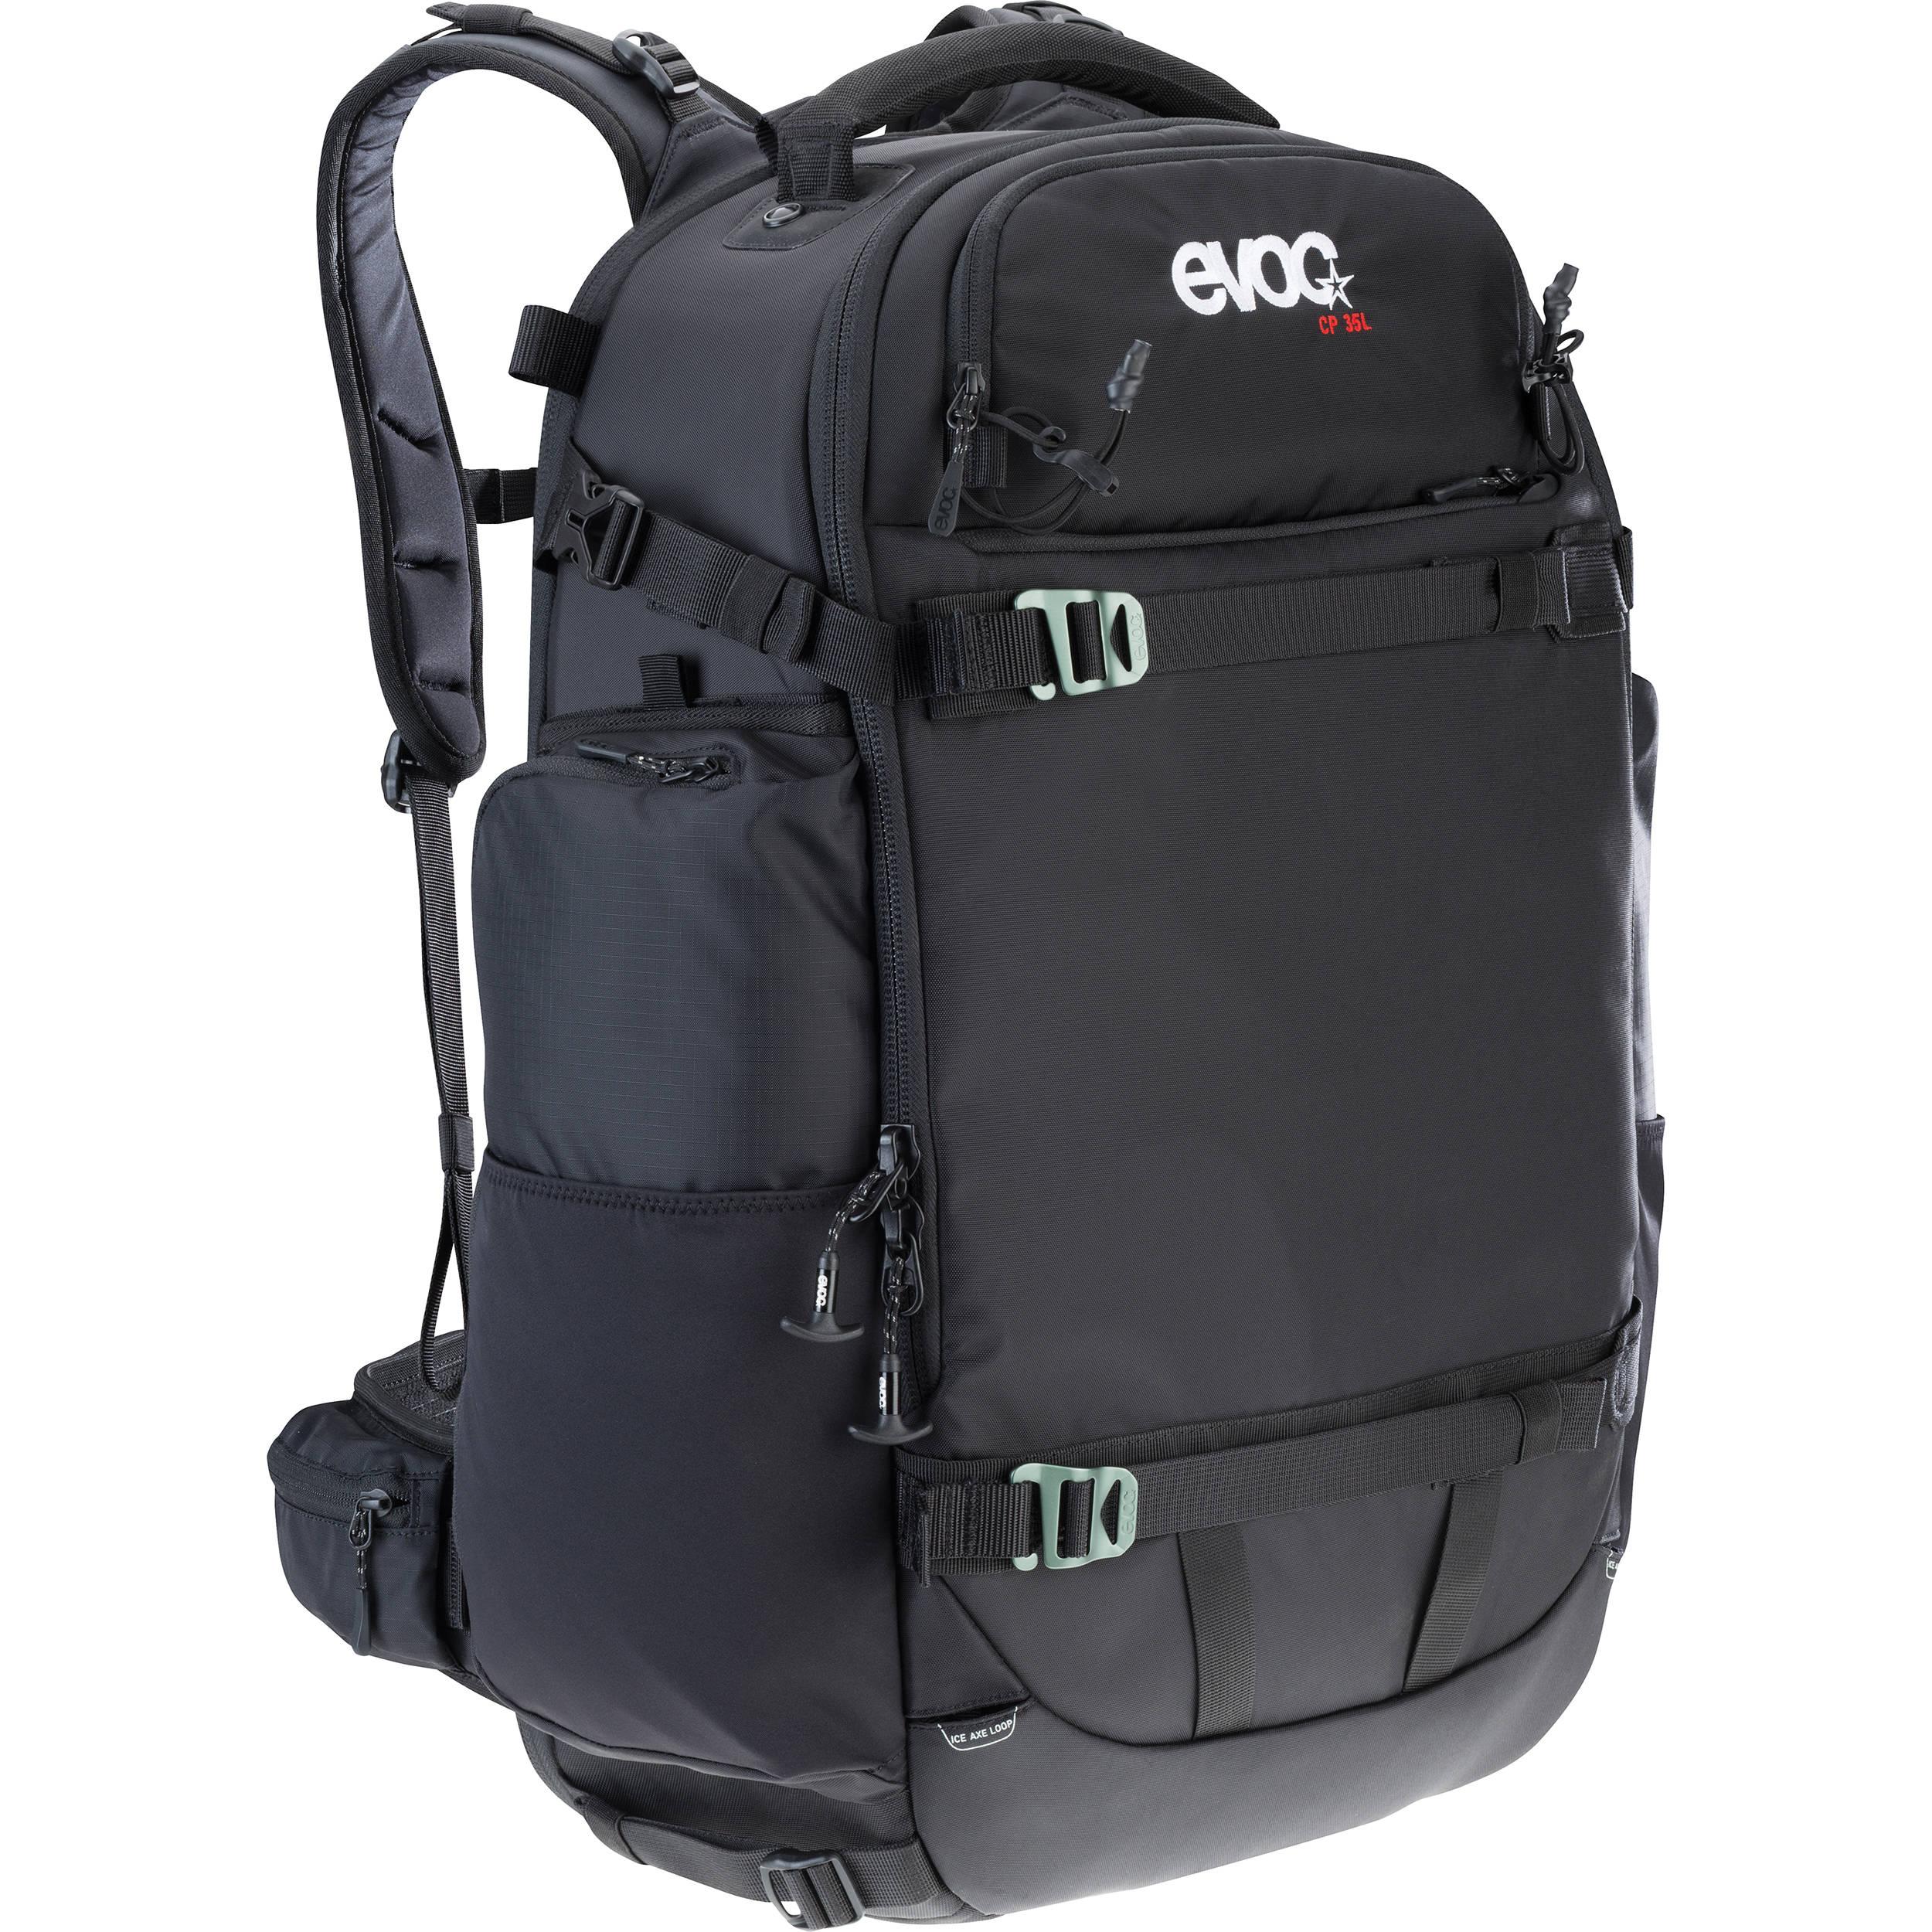 Evoc Cp 35l Camera Pack Black